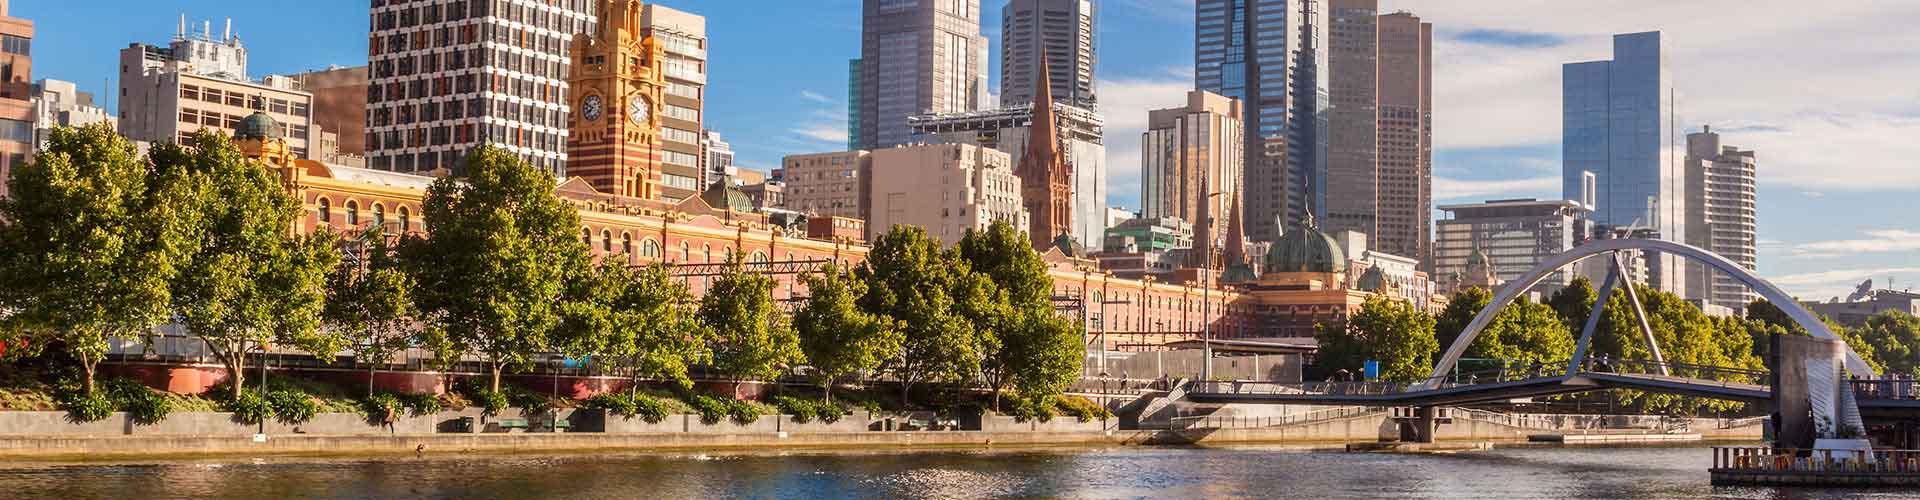 Melbourne - Ifjúsági Szállások Melbourne városrészen. Melbourne térképek, fotók, és ajánlások minden egyes Ifjúsági Szállásra: Melbourne